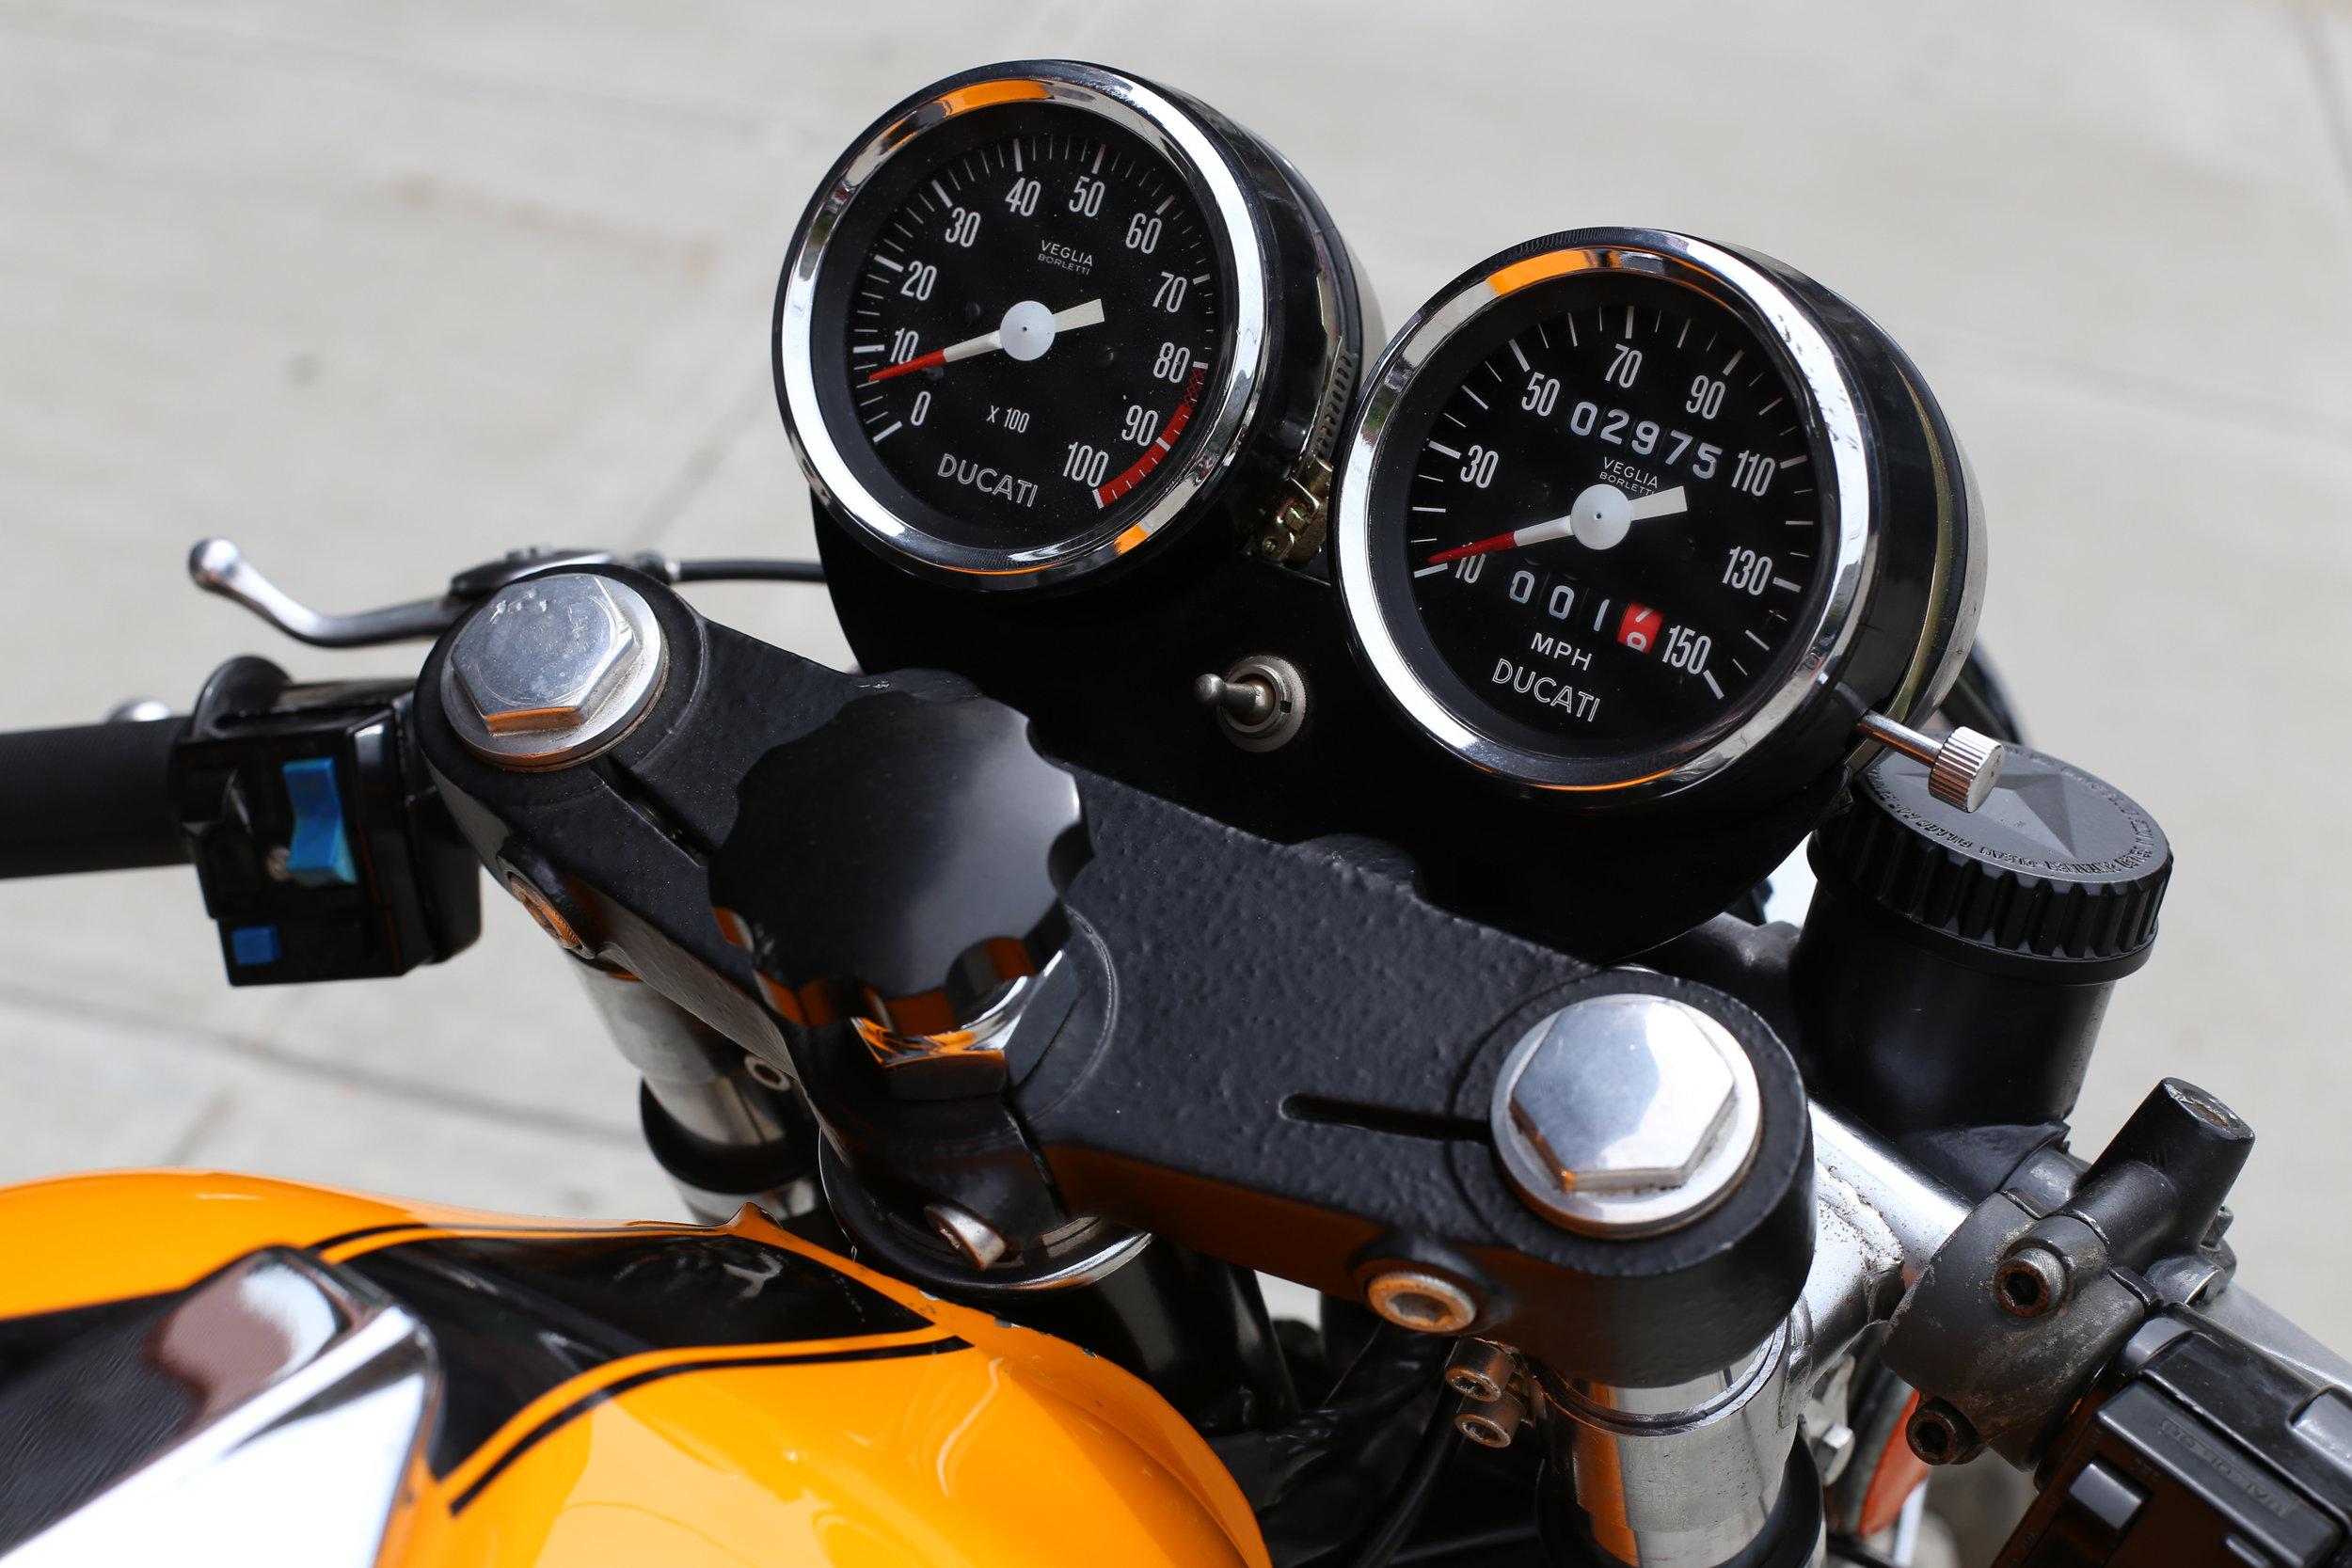 1974 Ducati 750S Gauge